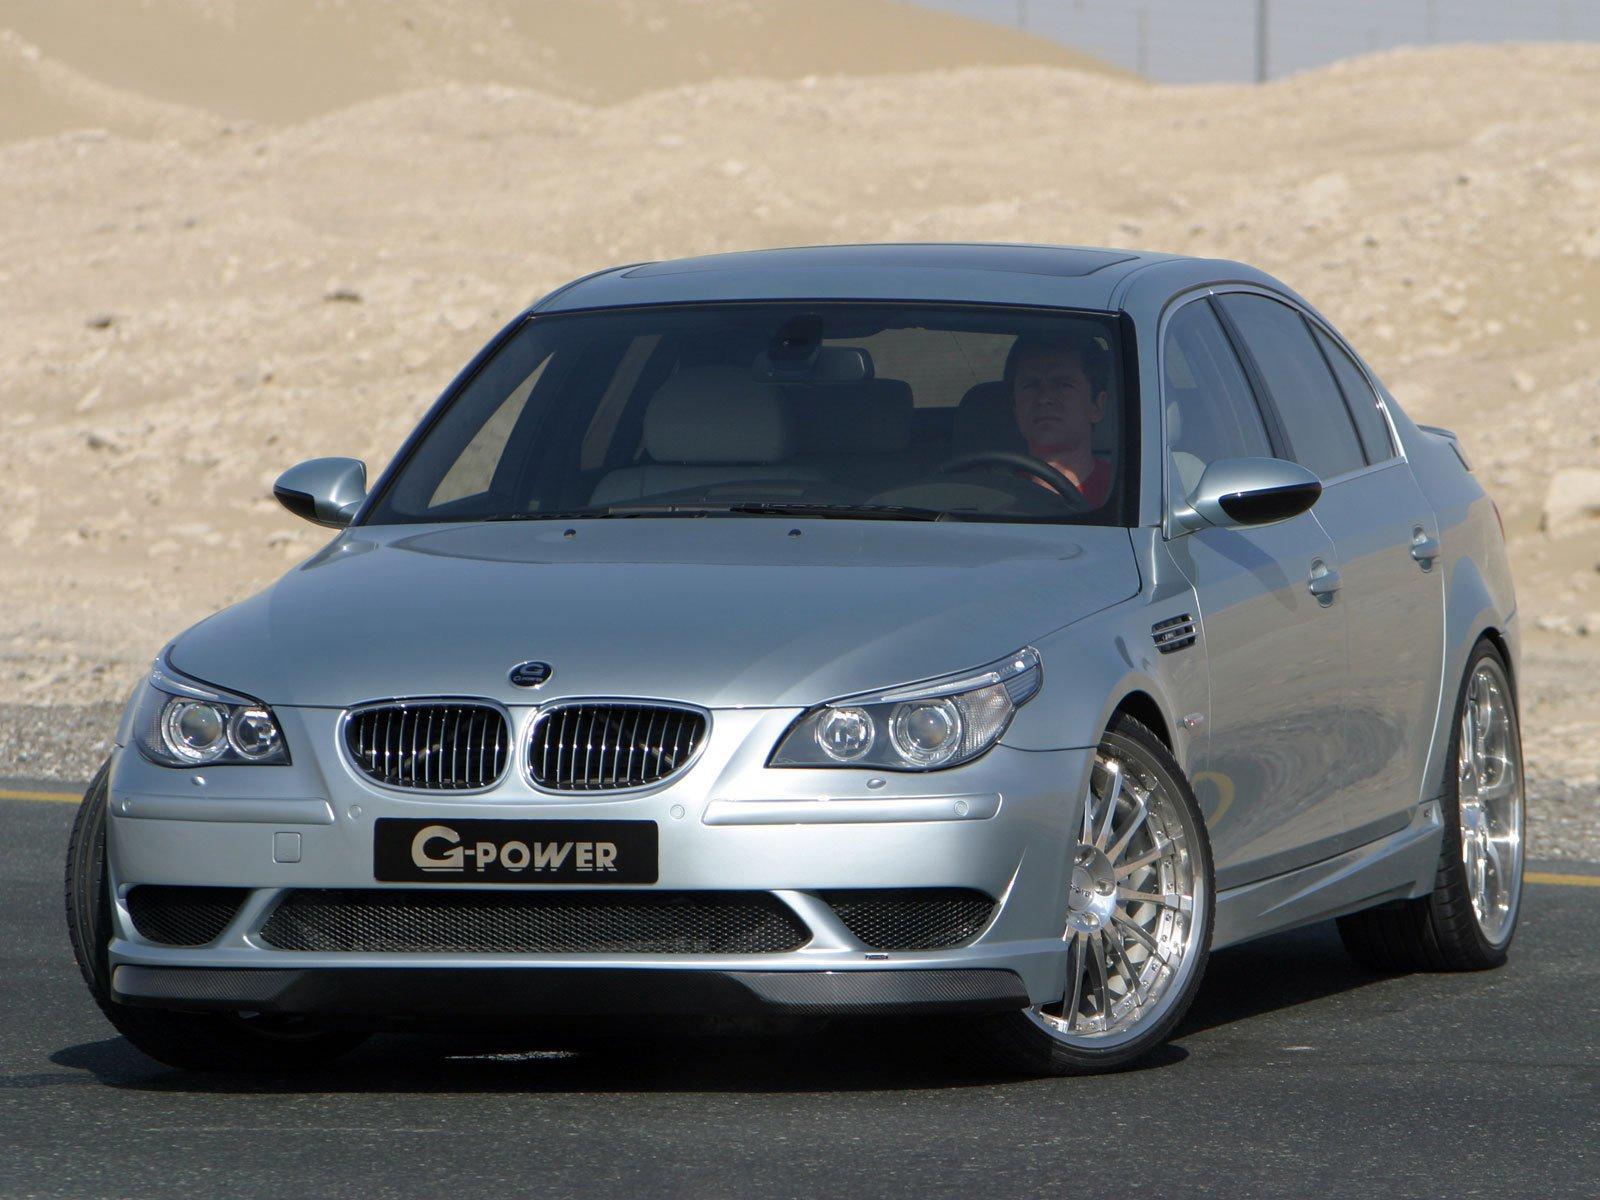 Power BMW M5 G5 5 0S E60 cars modified 2006 wallpaper 1600x1200 1600x1200